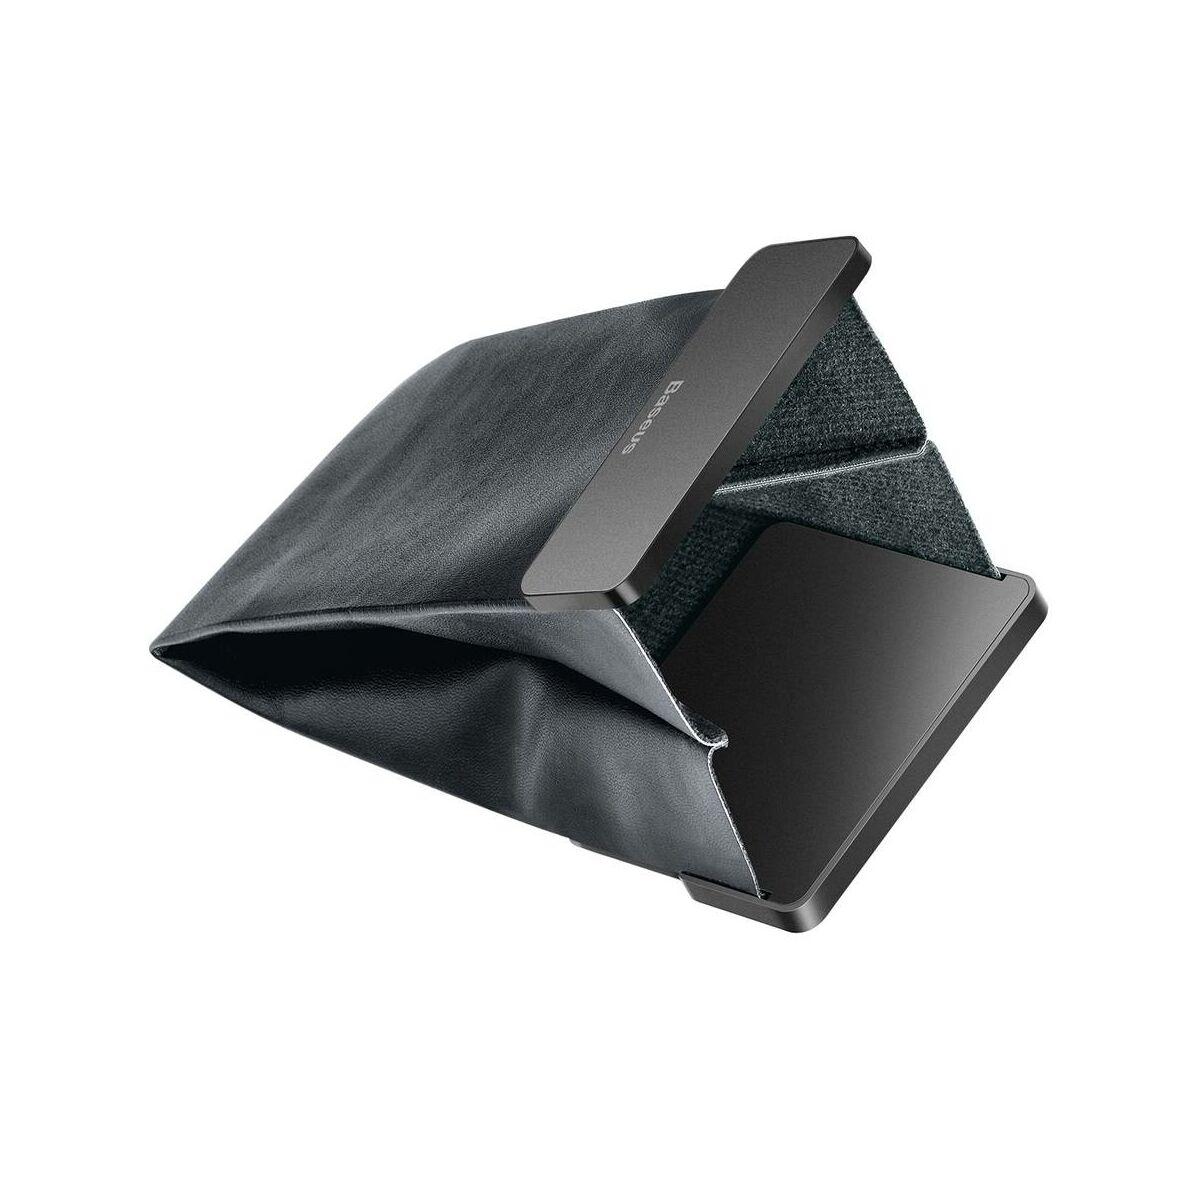 Baseus autós kiegészítő, Magic Car univerzális tároló rekesz az első ülésekhez, fekete (CRSBJ01-01)